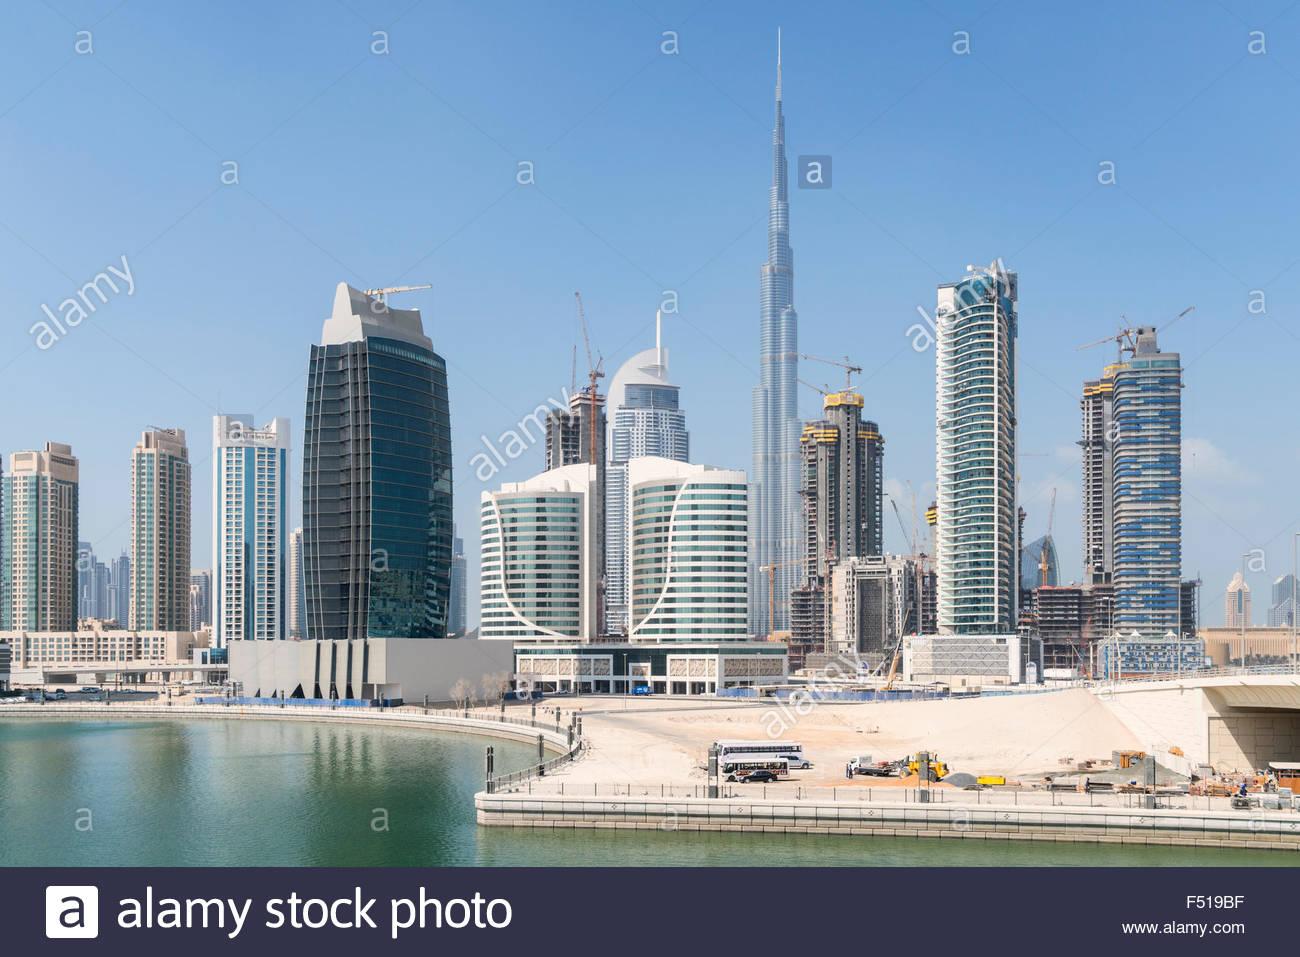 Skyline di grattacieli accanto al Creek a Business Bay in Dubai Emirati Arabi Uniti Immagini Stock